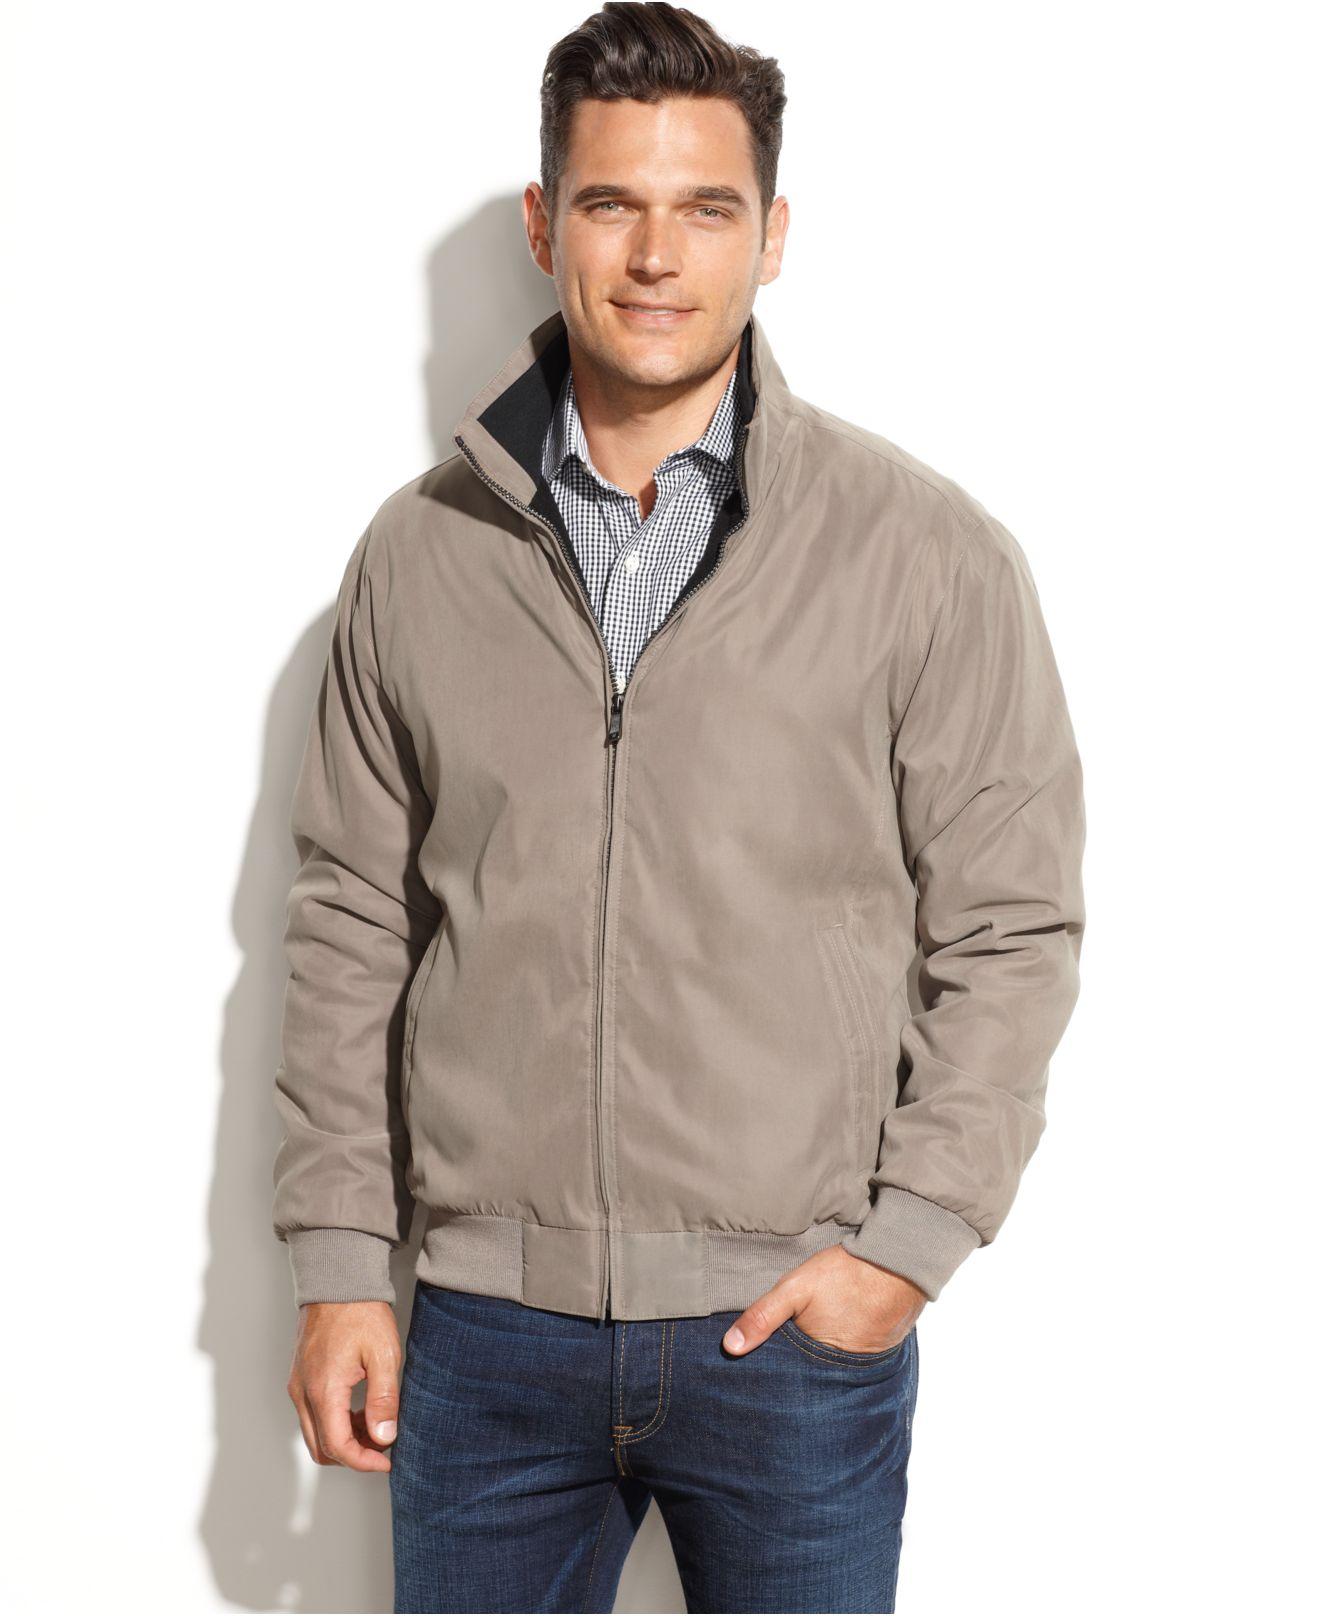 Lyst Weatherproof Fleece Lined Microfiber Jacket In Gray